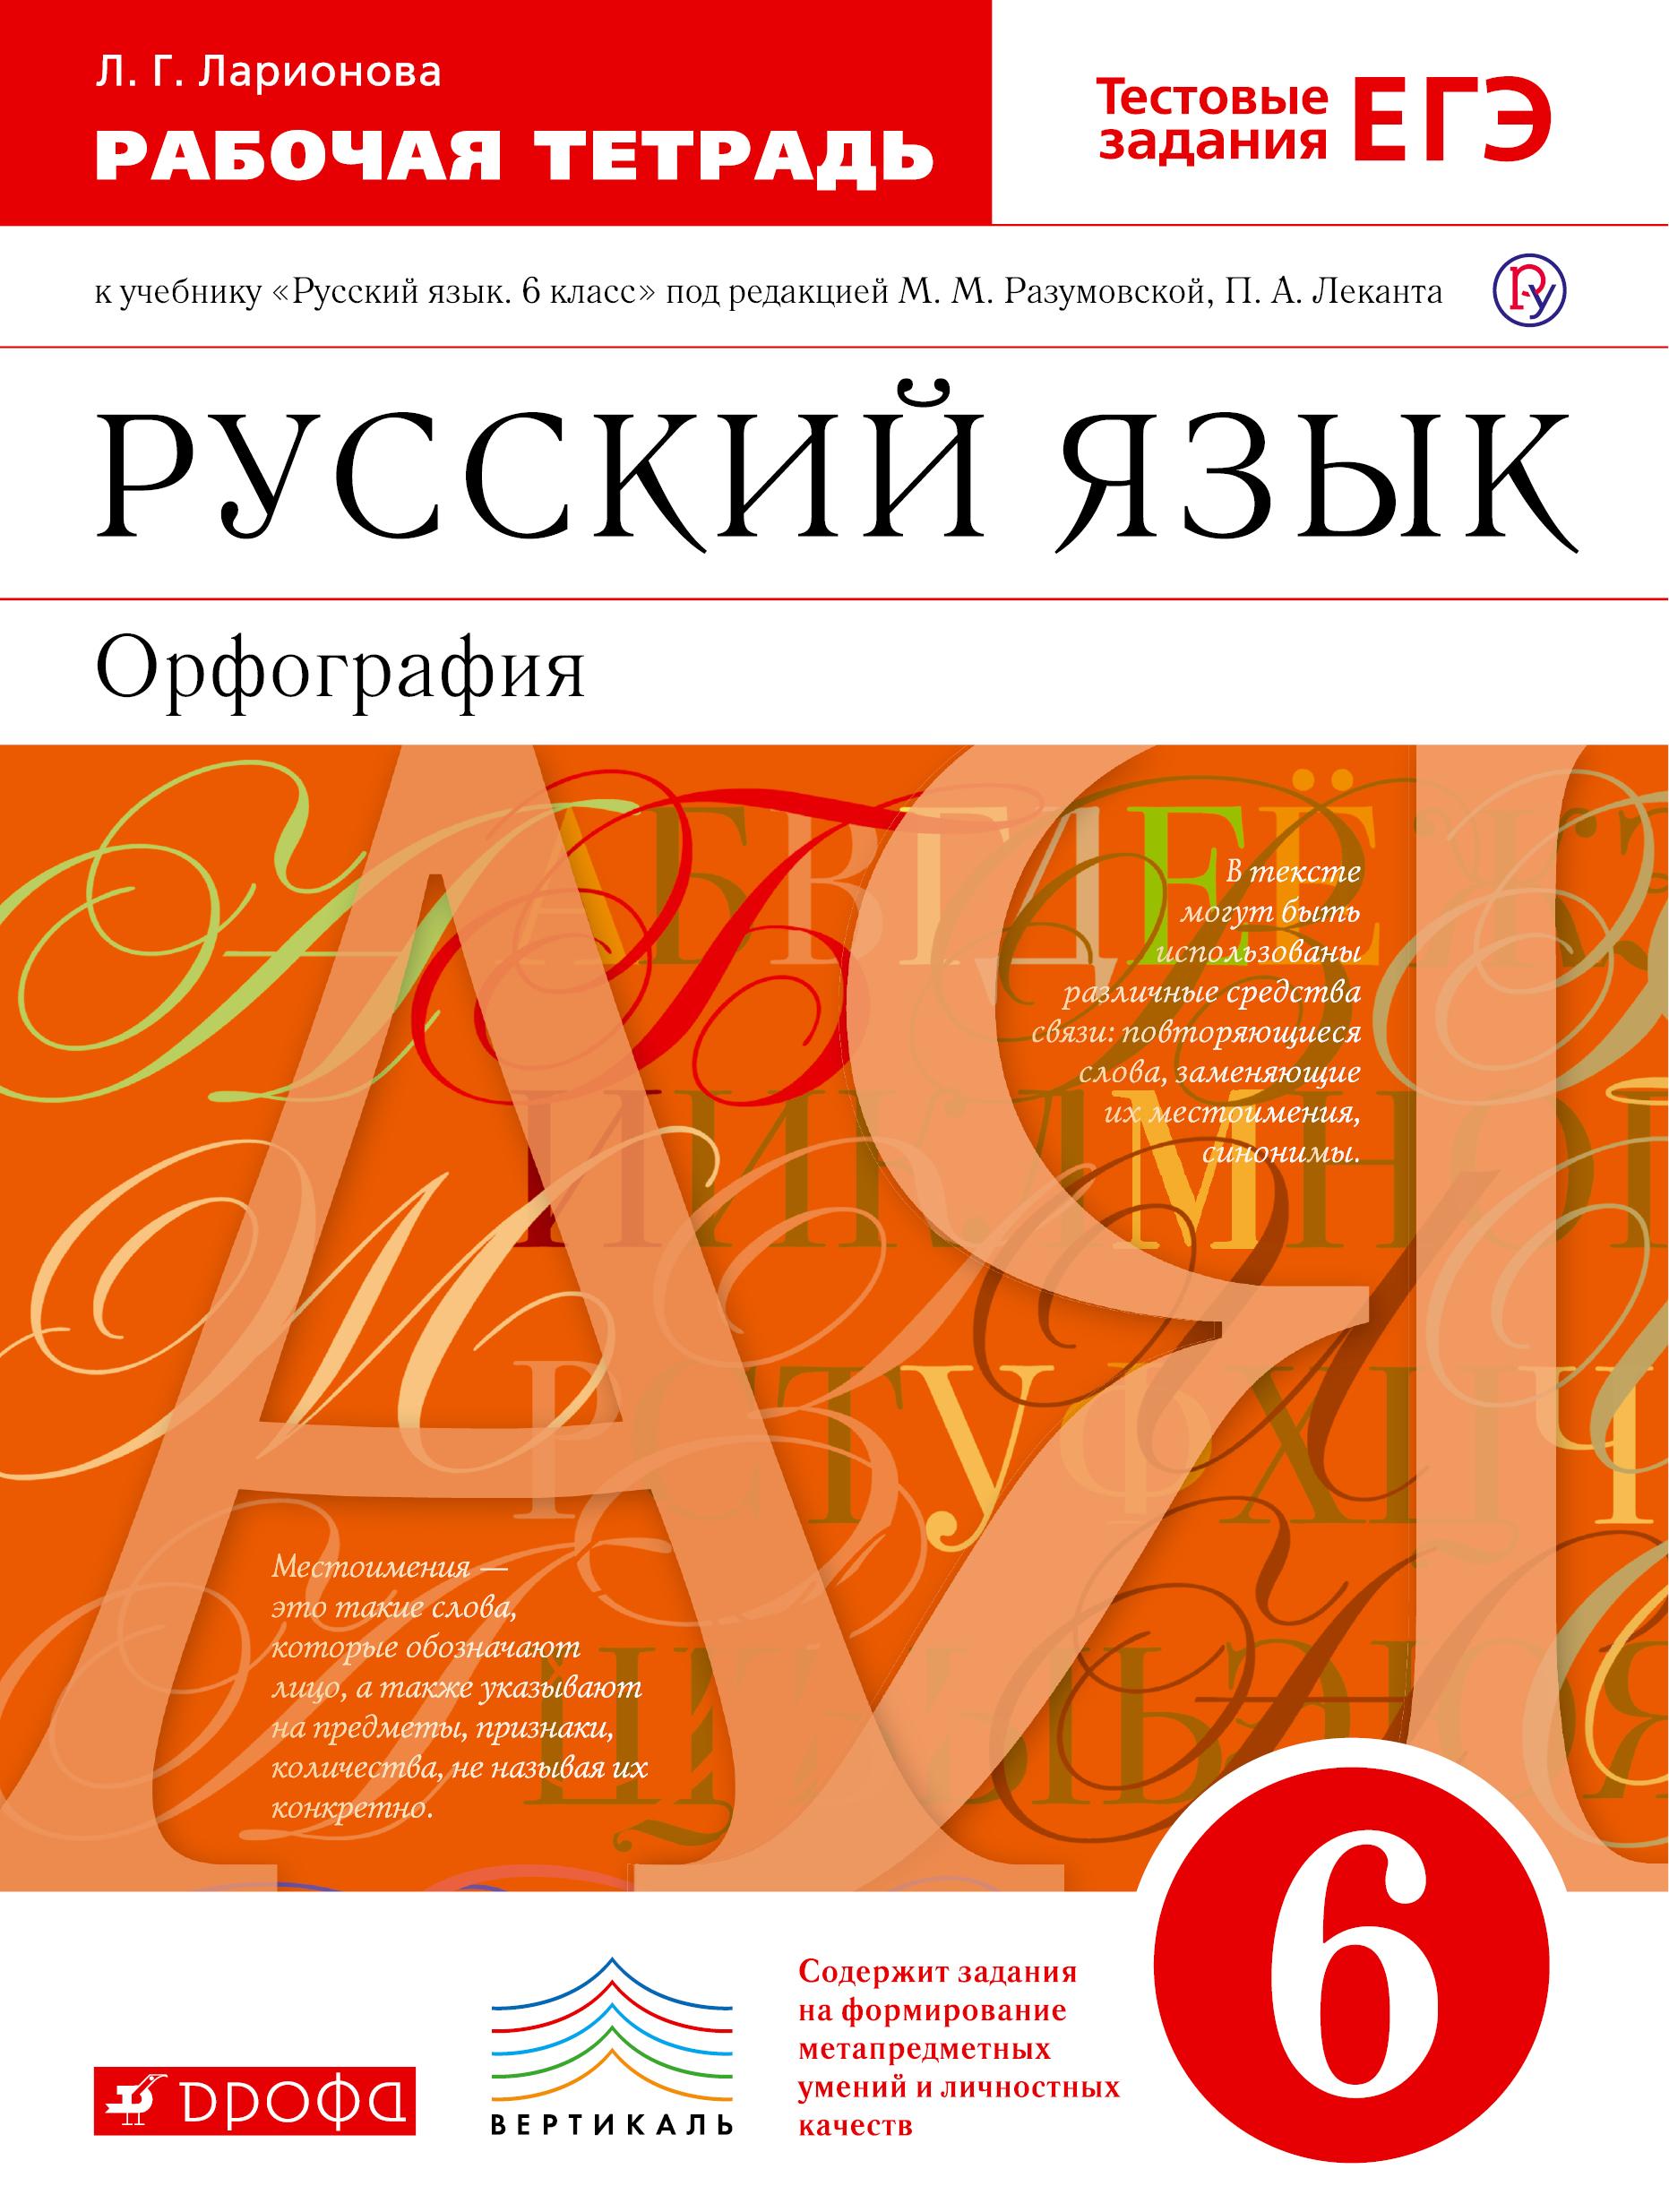 Гдз по тетради для оценуи качества знаний по русскому языку 6 класс львова онлайн